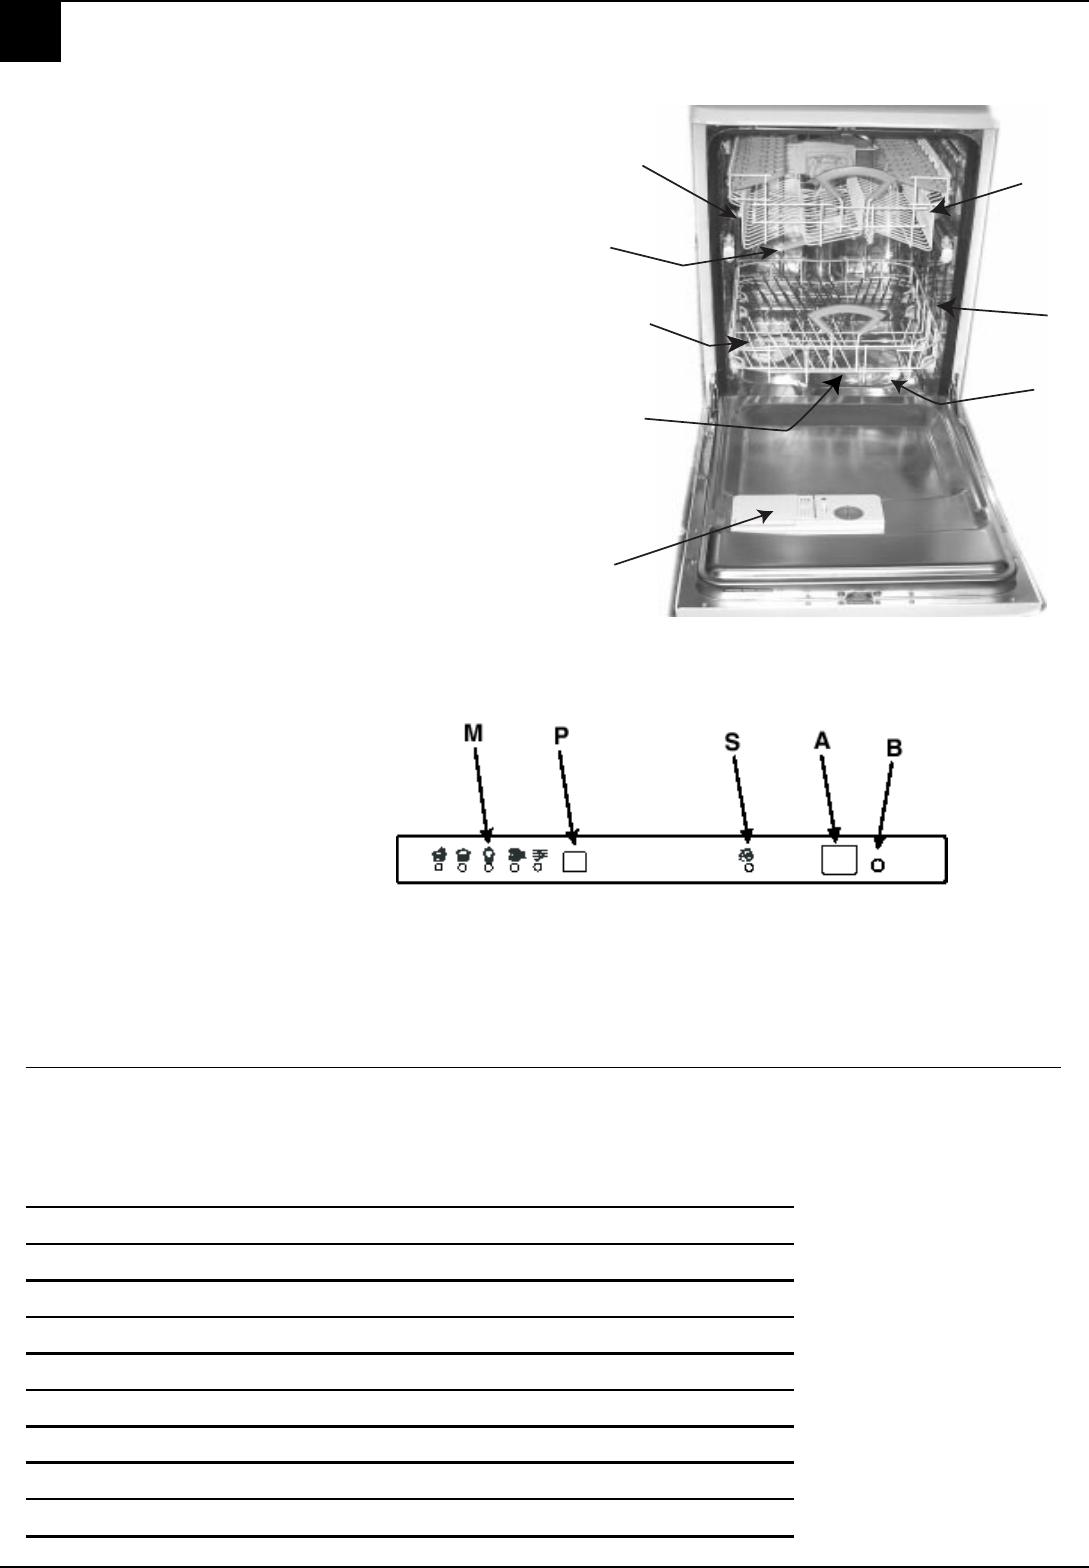 Handleiding Hotpoint Ariston Li 460 Pagina 11 Van 80 Deutsch